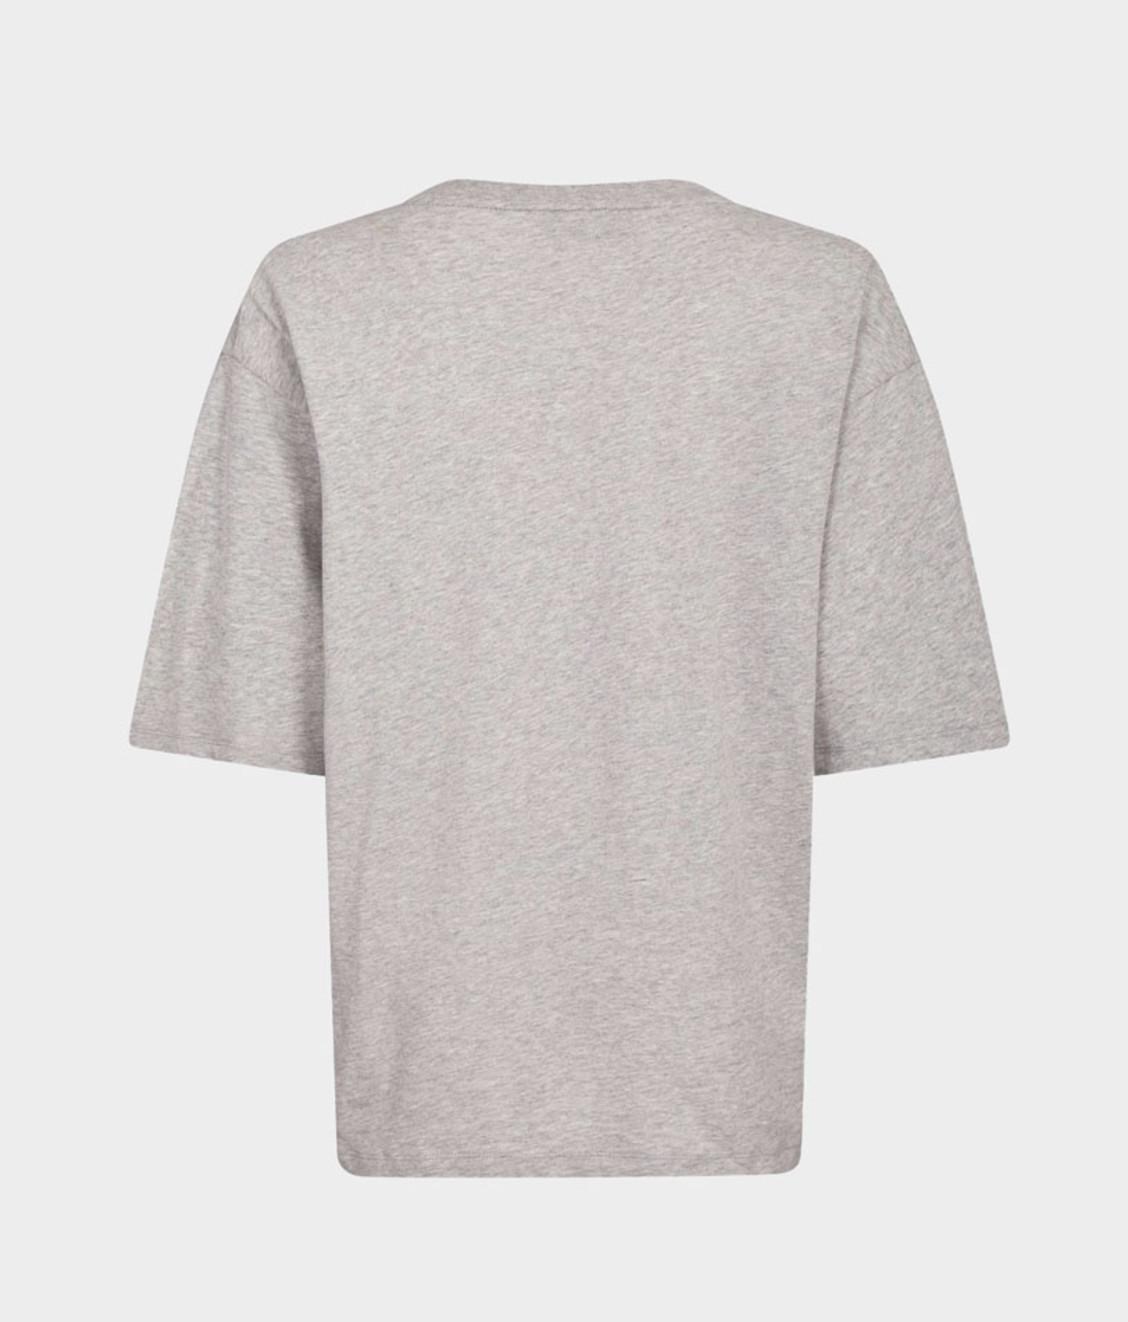 Etre Cecile Etre Cecile Lips Patch Juliette T-Shirt